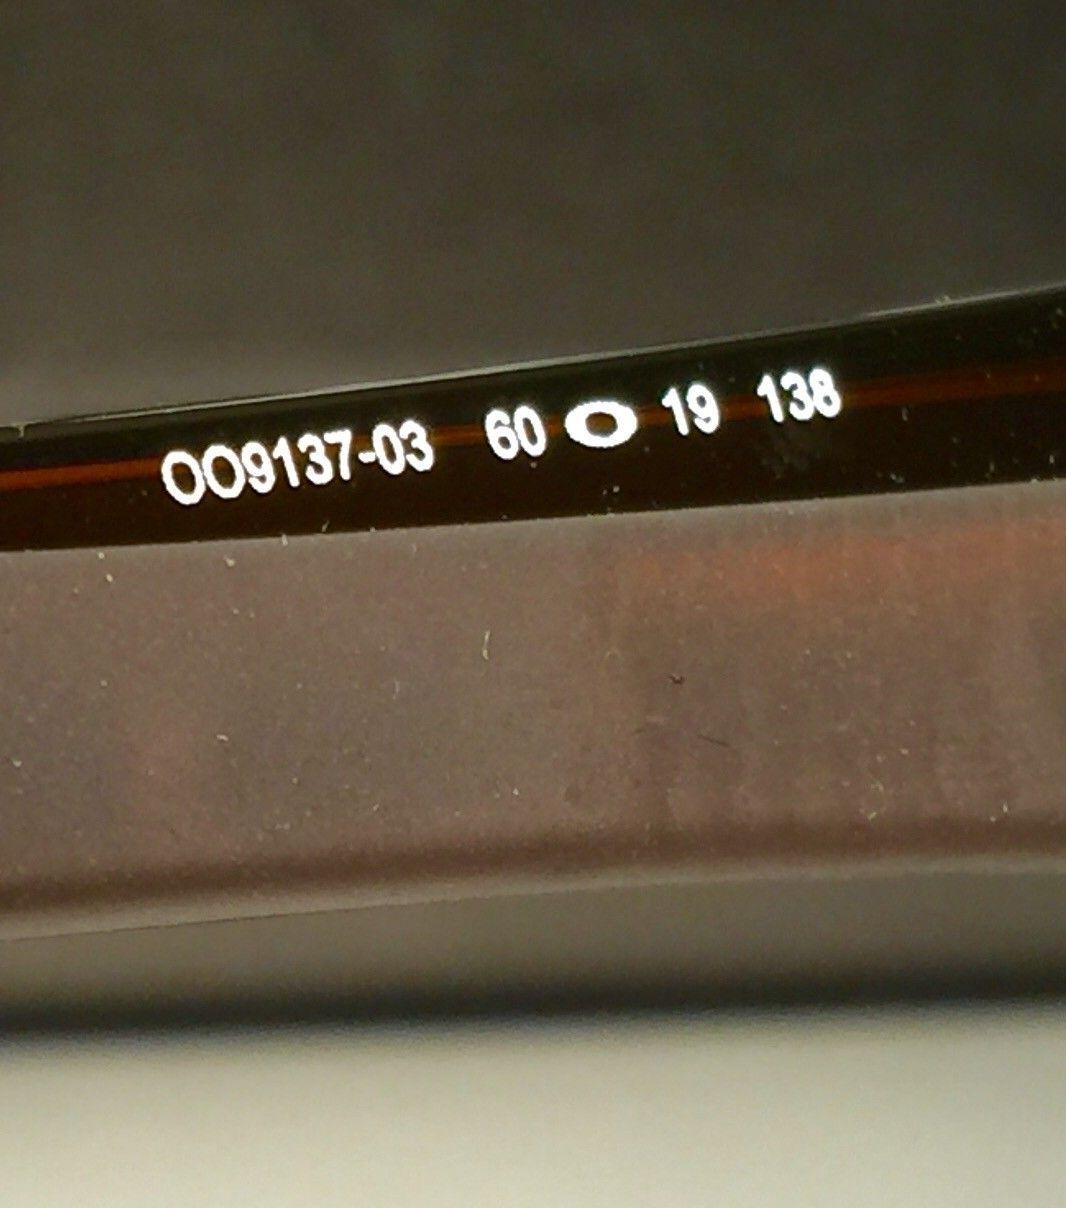 NIB PIT BOSS II Rootbeer (complete) - image.jpeg